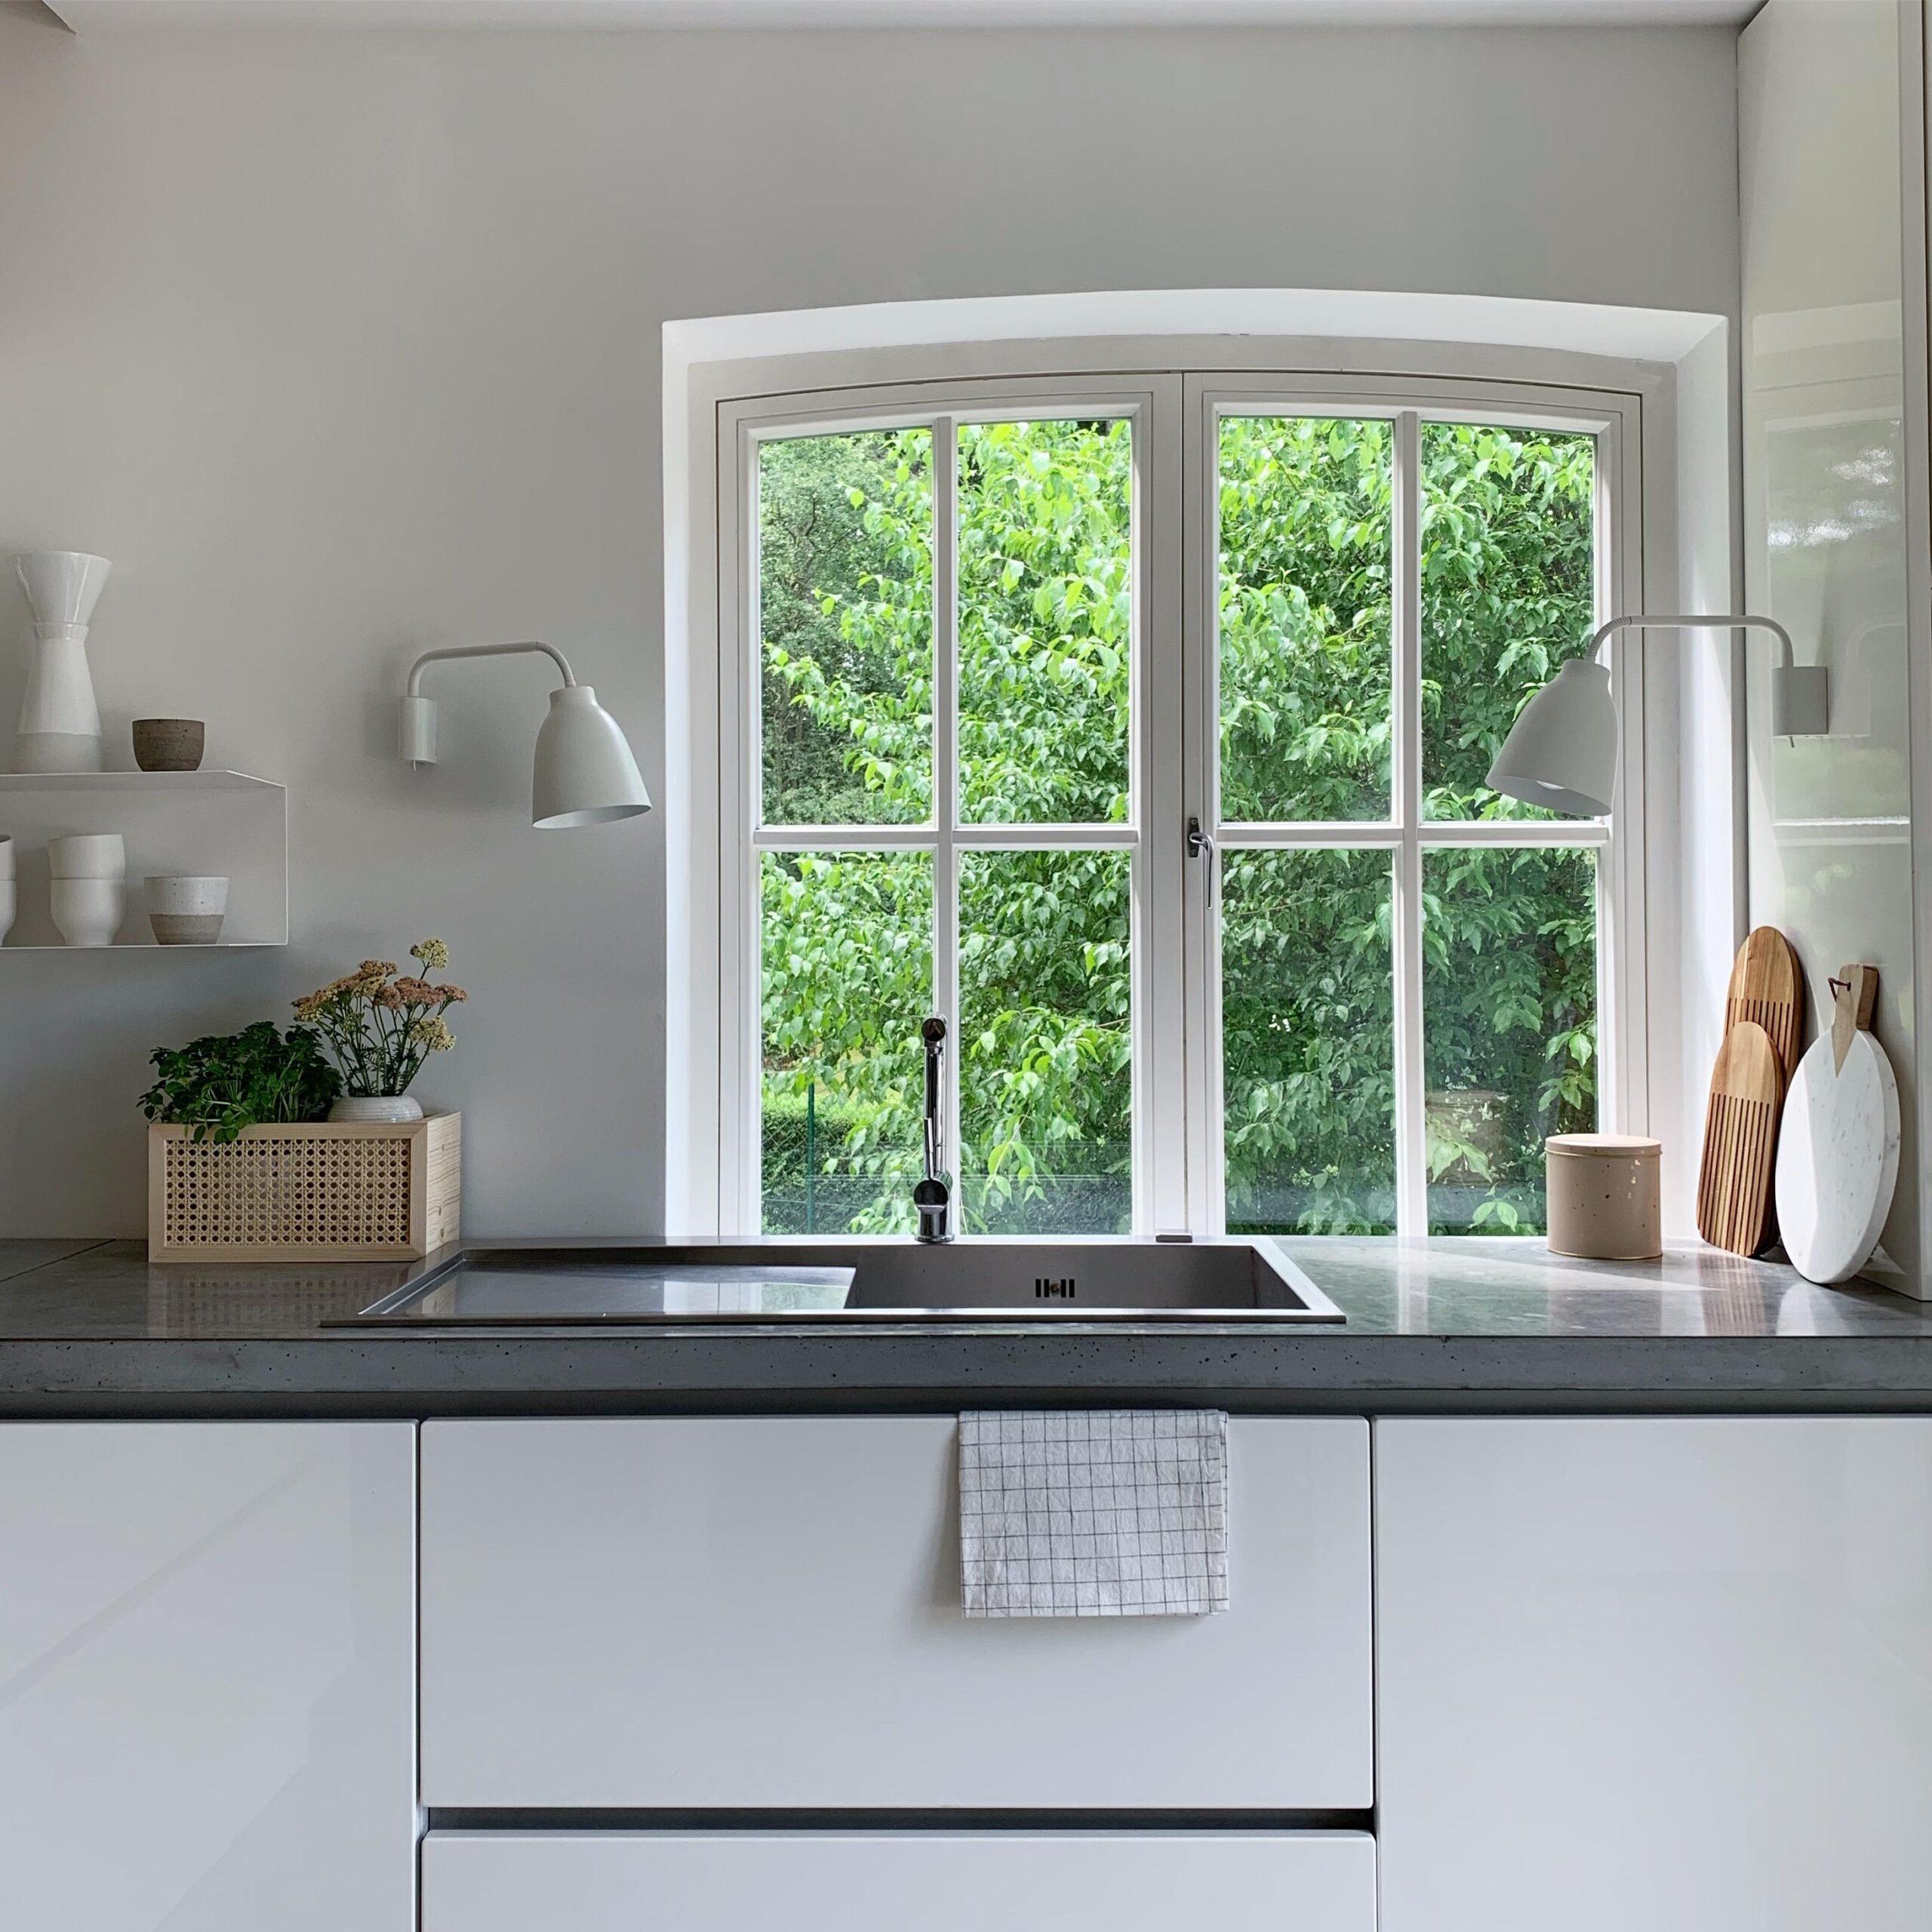 Full Size of Deko Für Küche Winkhaus Fenster Aron Dreifachverglasung Gardinen Läufer Was Kostet Eine Neue Weiße Weiß Matt Fliesenspiegel Glas Industrielook Wohnzimmer Küche Fenster